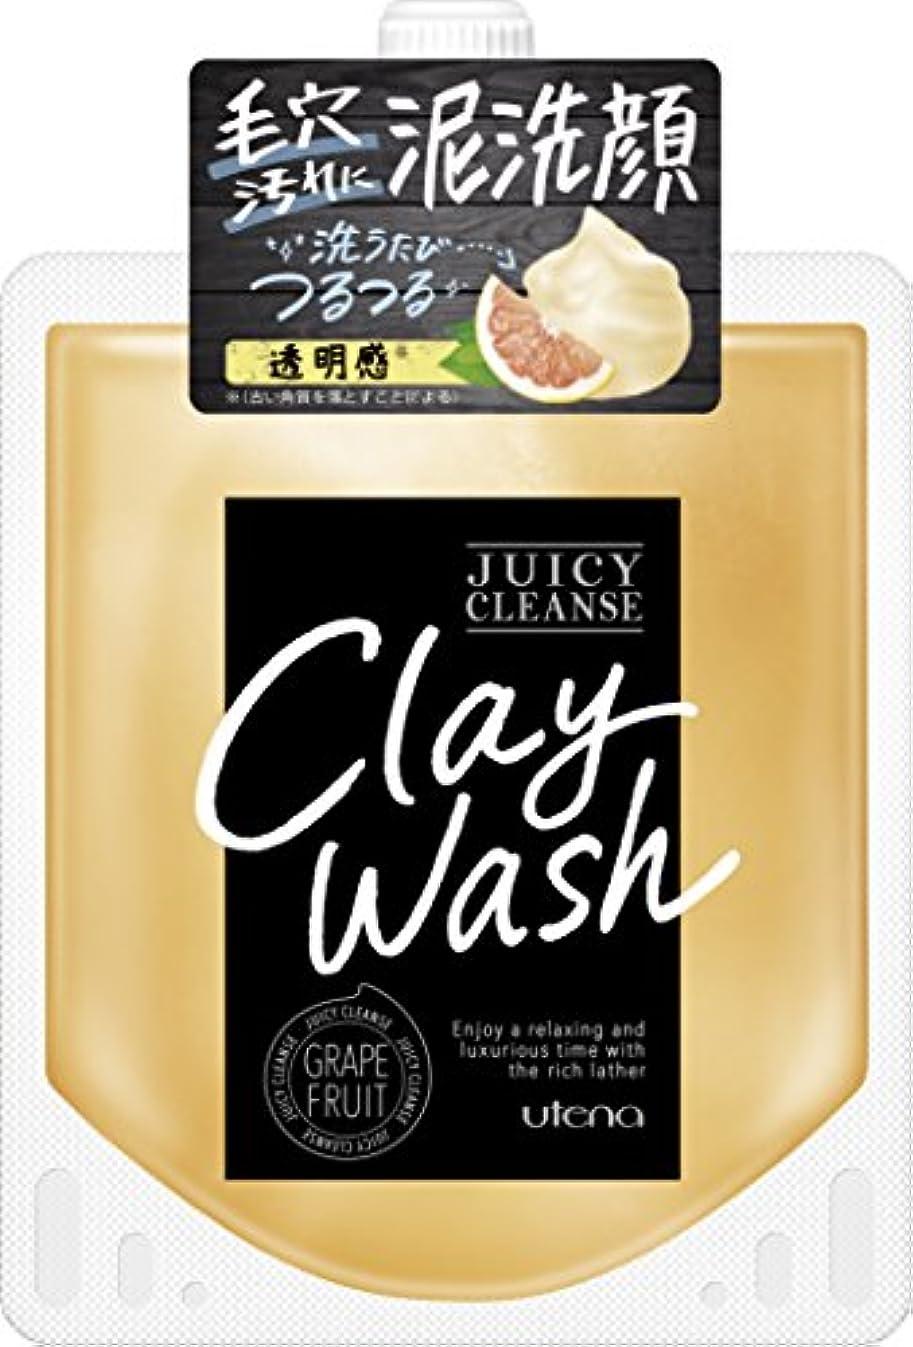 曲スワップ悪意のあるJUICY CLEANSE(ジューシィクレンズ) クレイウォッシュ グレープフルーツ 110g